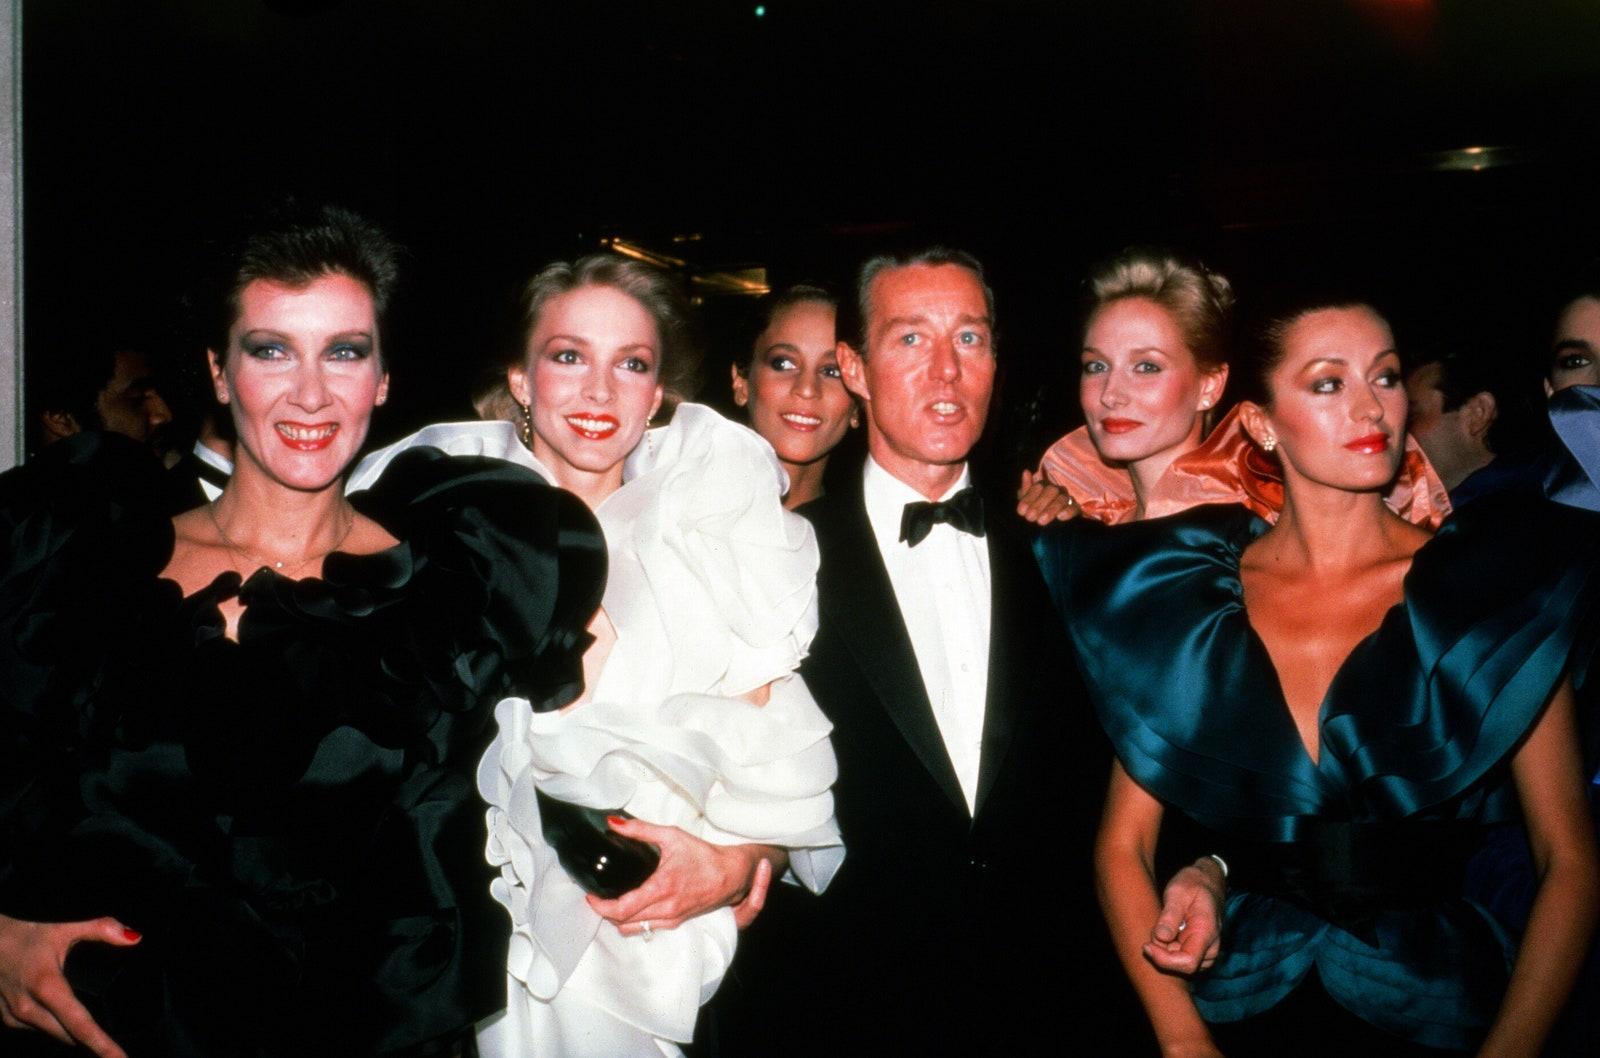 Halston và các người mẫu tham dự buổi dạ tiệc của Viện Trang phục Diana Vreeland tại Bảo tàng Nghệ thuật Metropolitan vào 8/12/1981.